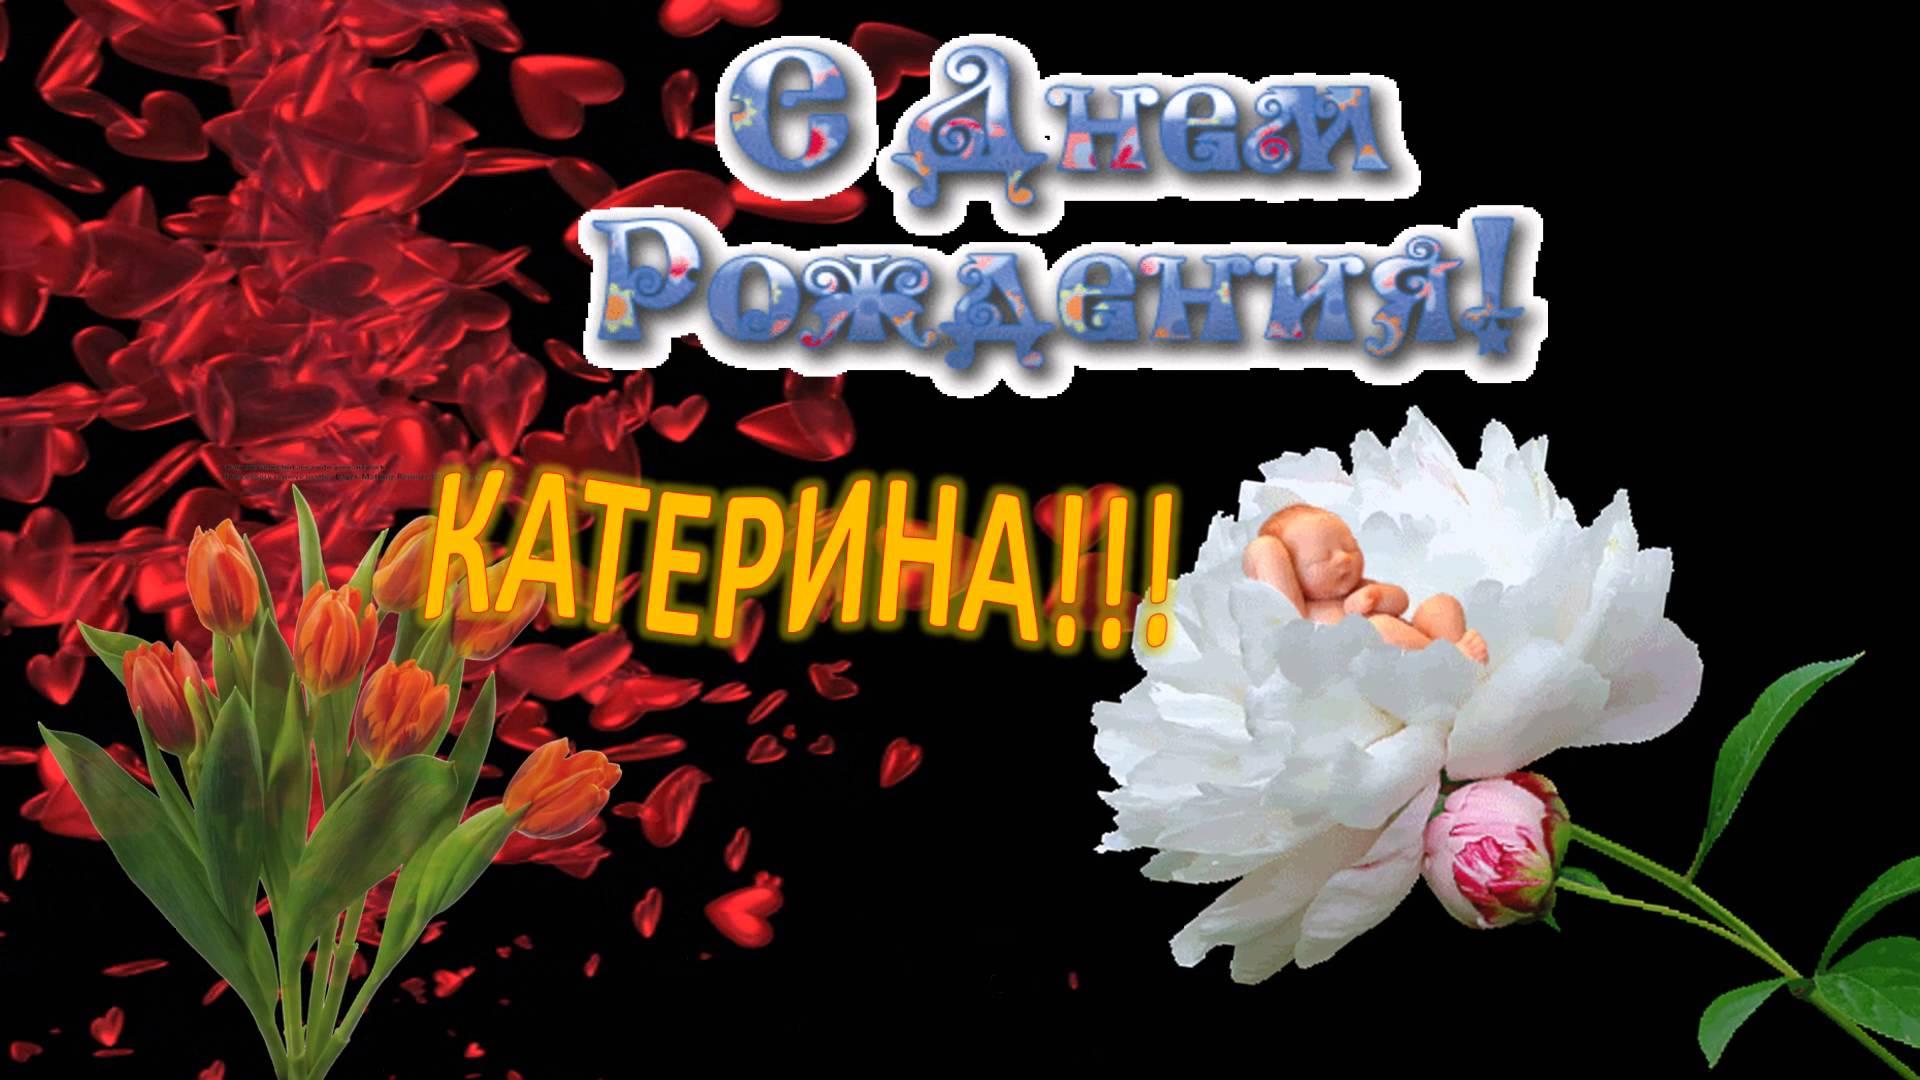 Садовник картинки, картинка с днем рождения екатерина михайловна